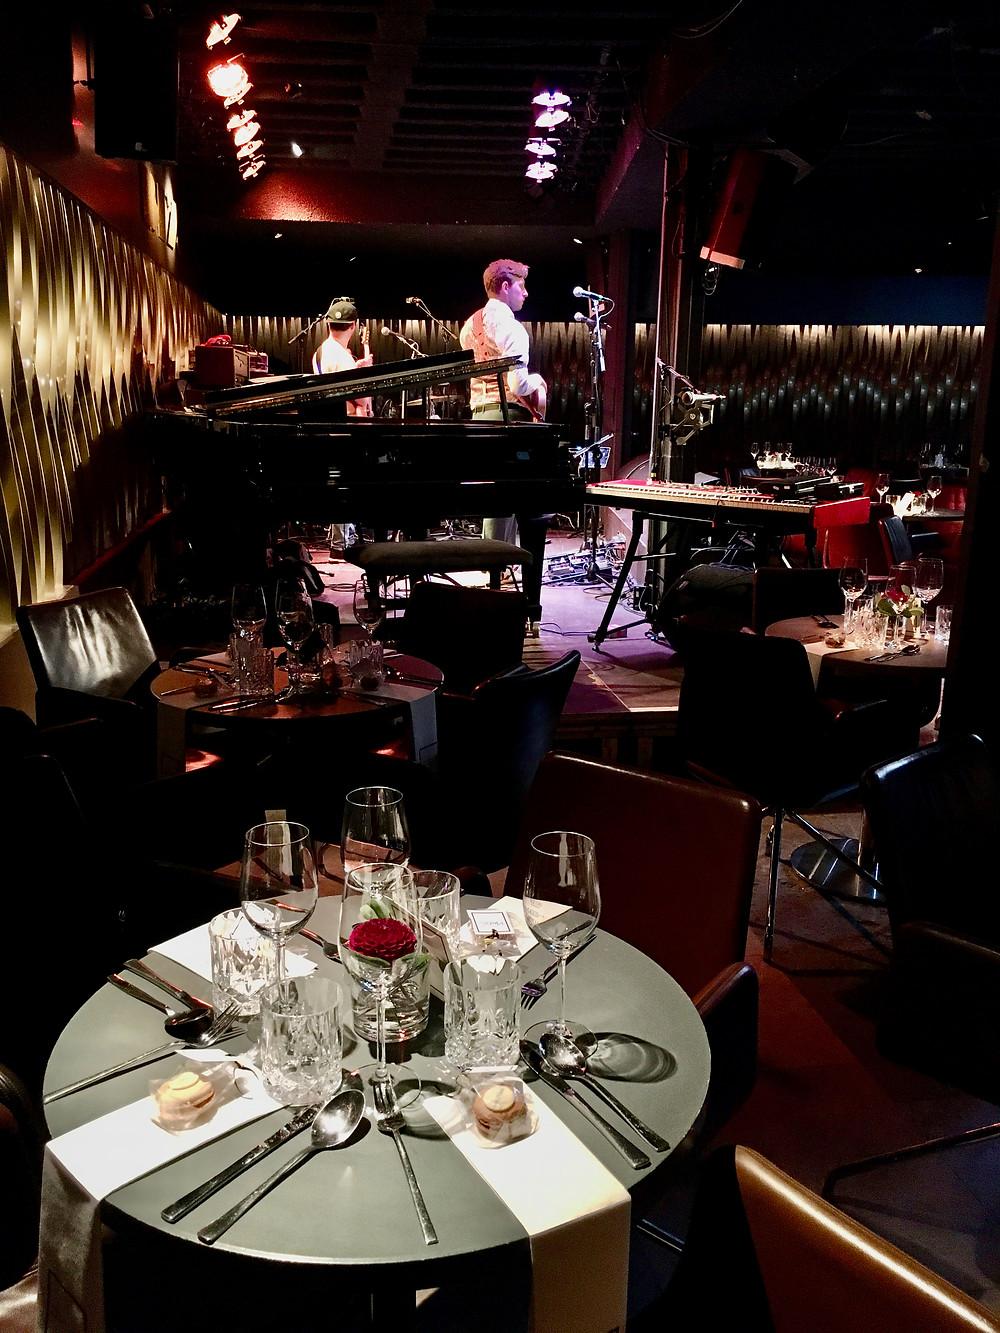 Hochzeitsdinner, BIX Jazzclub Stuttgart, Jazzband/Jazzpianist/Pianist